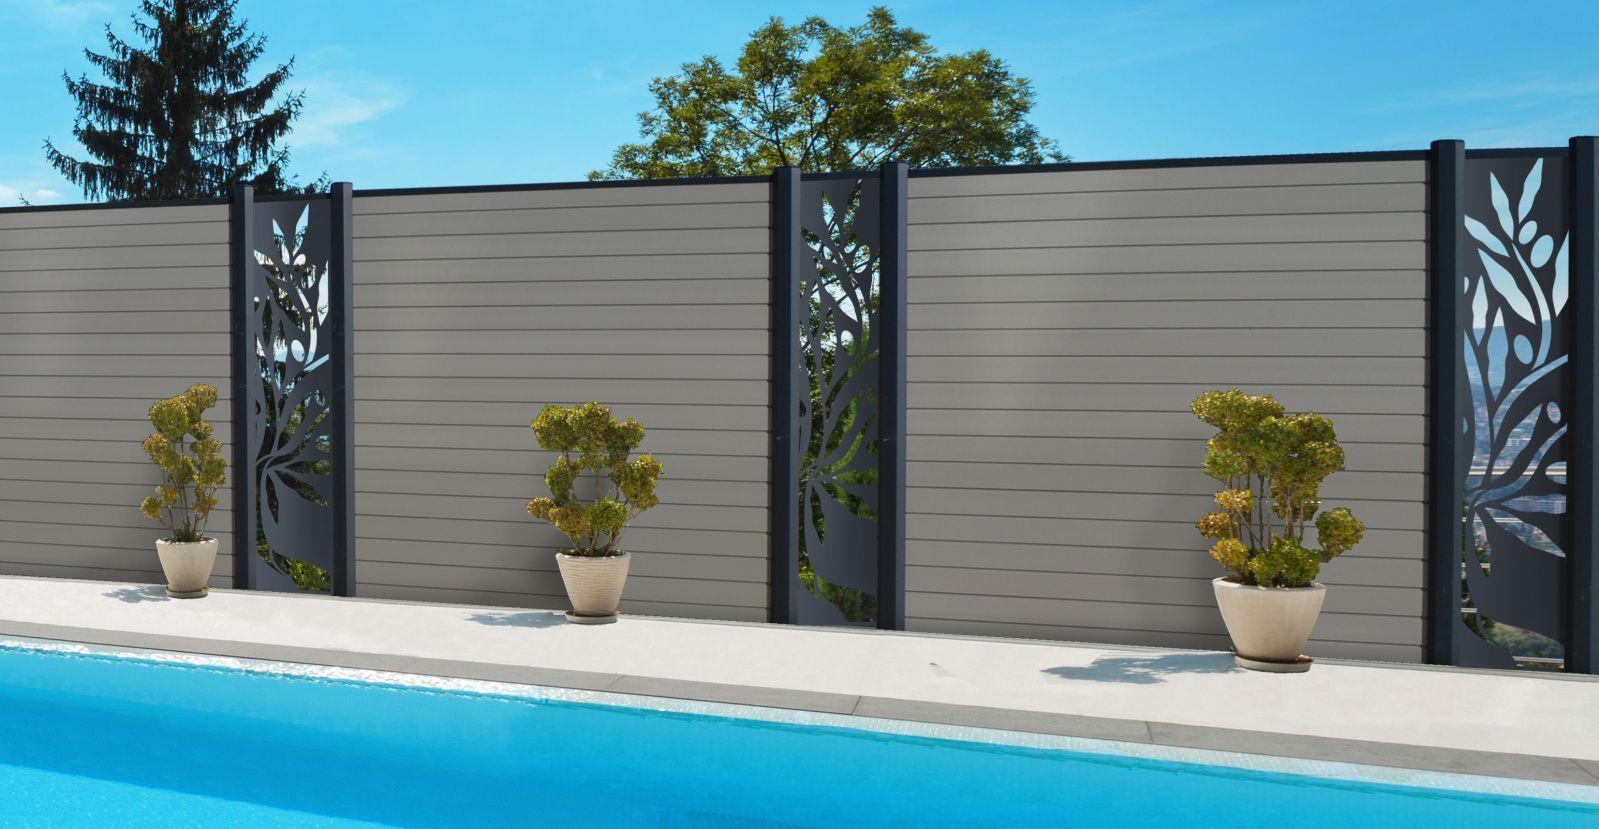 Daniel Moquet Signe Vos Clotures Entreprise De Portail Cloture Et Pergola Deco Mur Exterieur Jardin Decoration Mur Exterieur Mur Exterieur